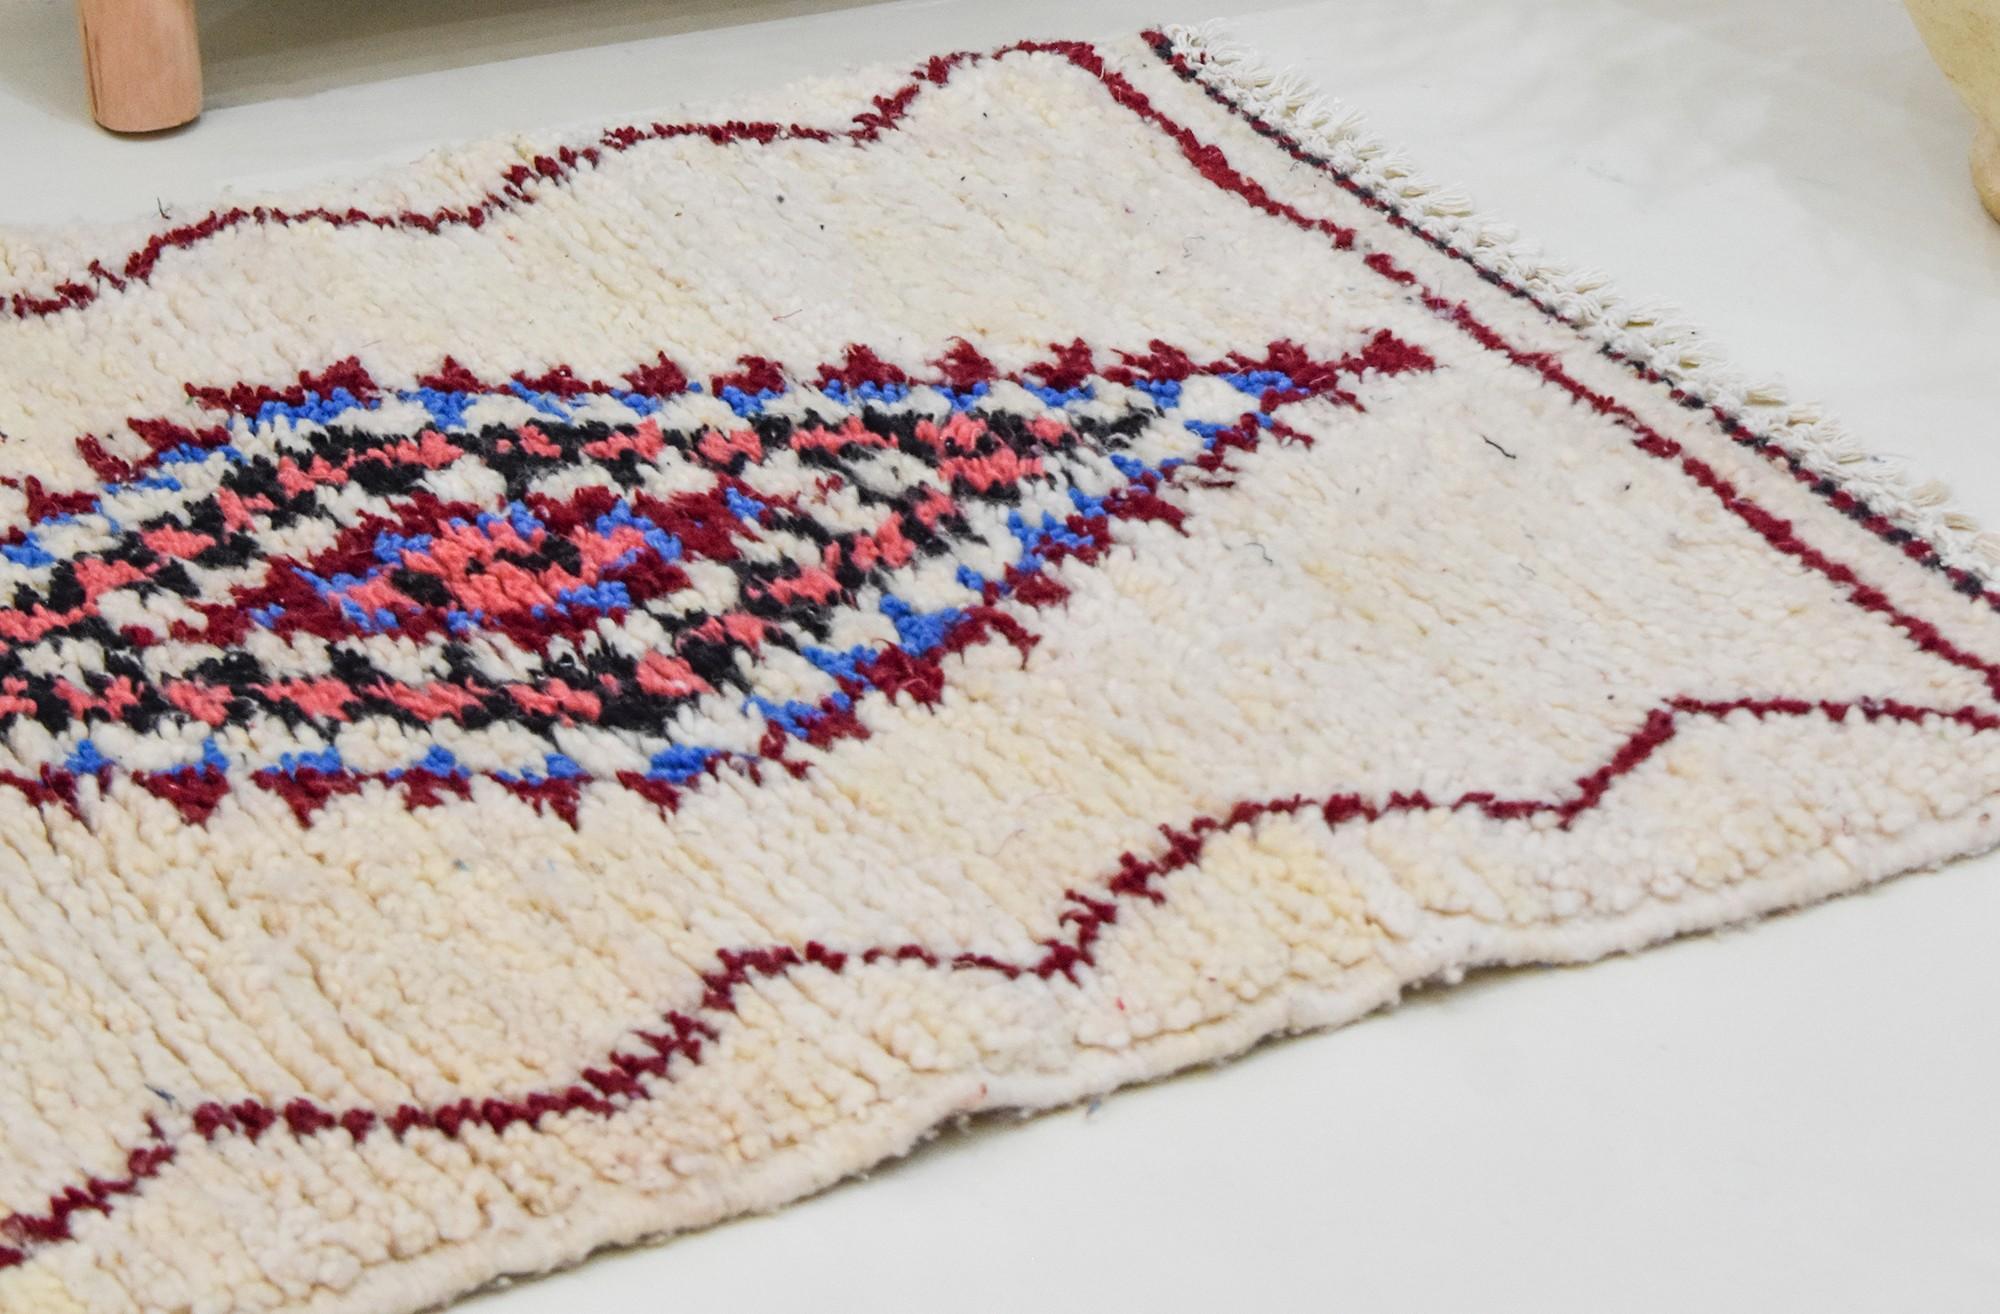 Small colorful rhombus Berber carpet